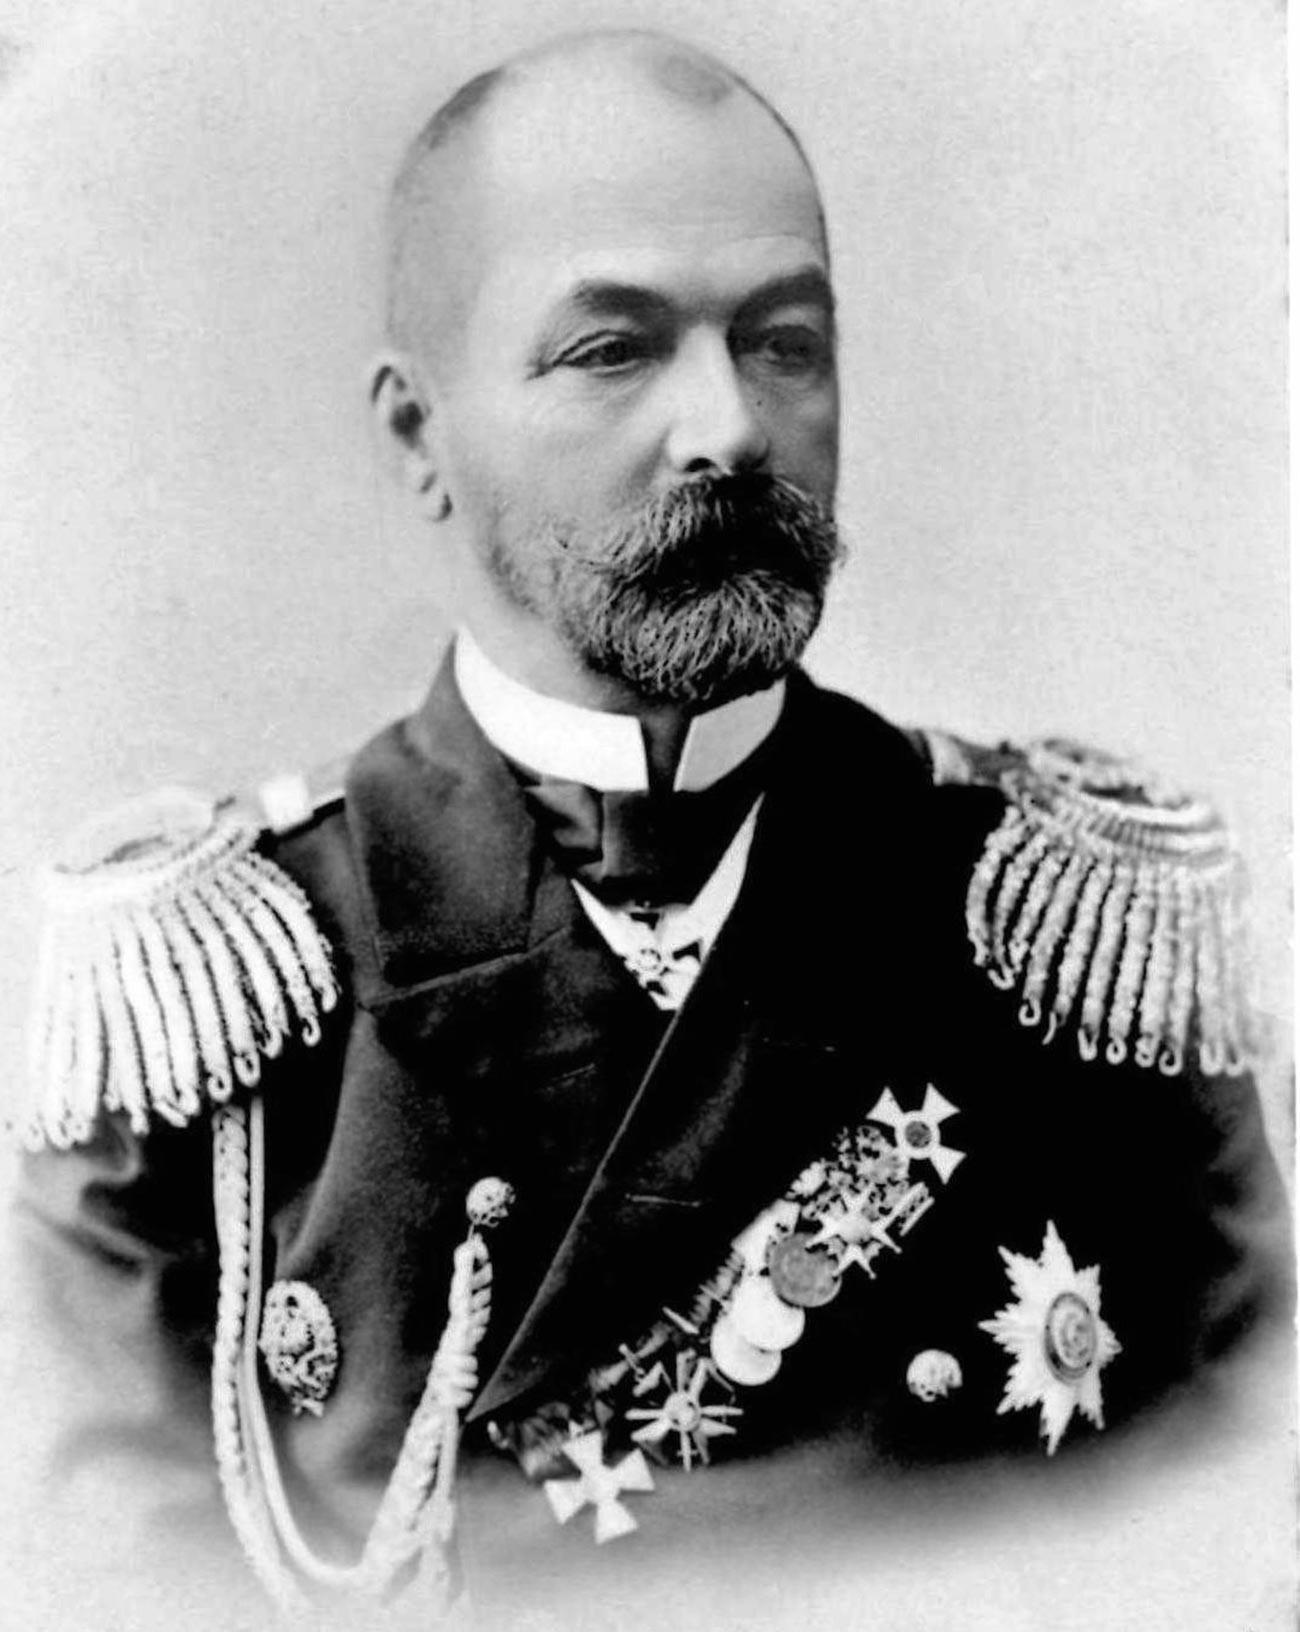 ジノヴィー・ロジェストヴェンスキー